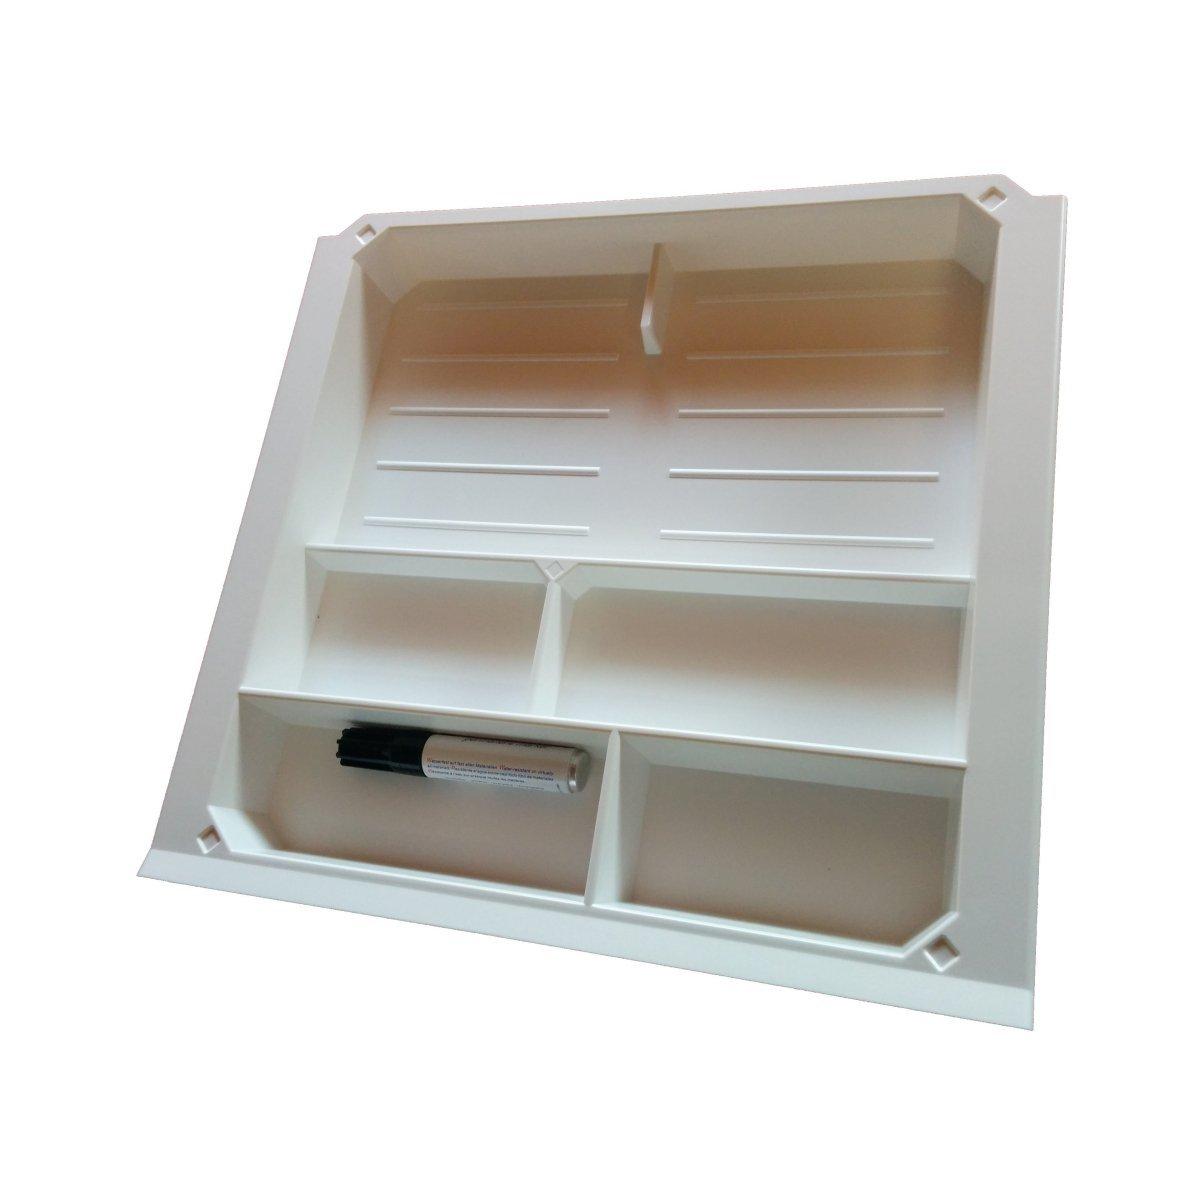 flexa schublade zum nachr sten wei 82 50120 2 47. Black Bedroom Furniture Sets. Home Design Ideas